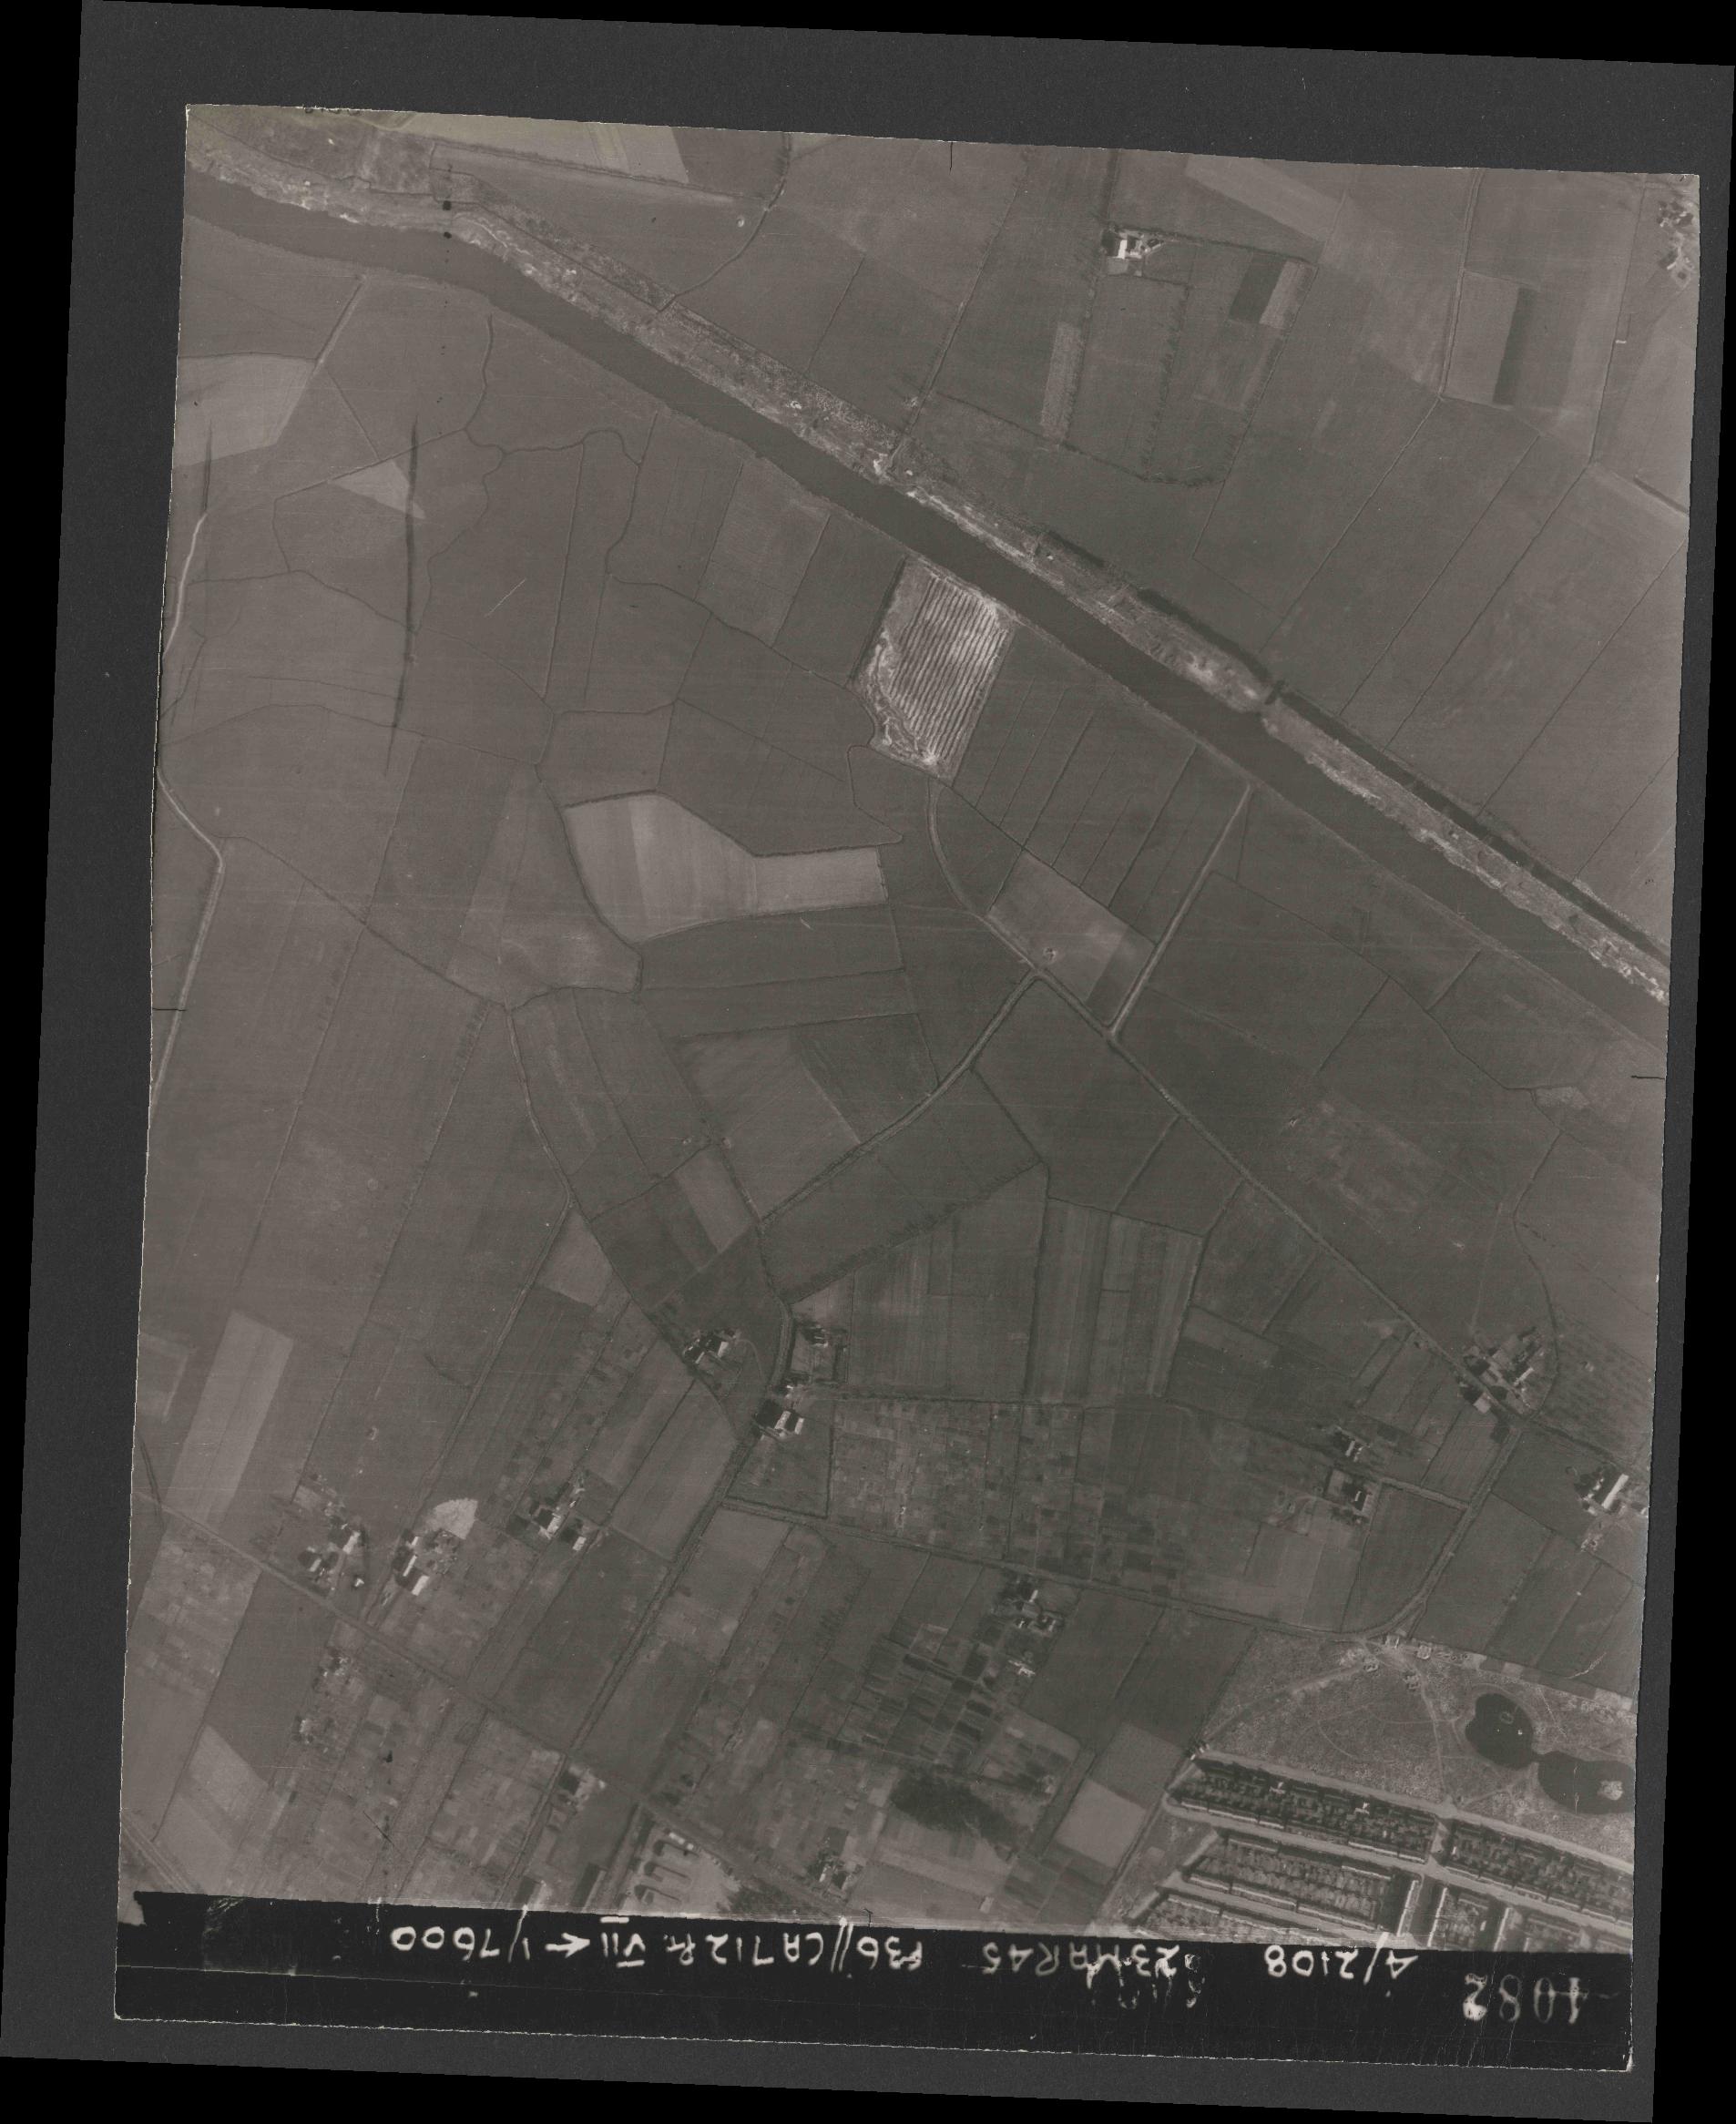 Collection RAF aerial photos 1940-1945 - flight 104, run 10, photo 4082